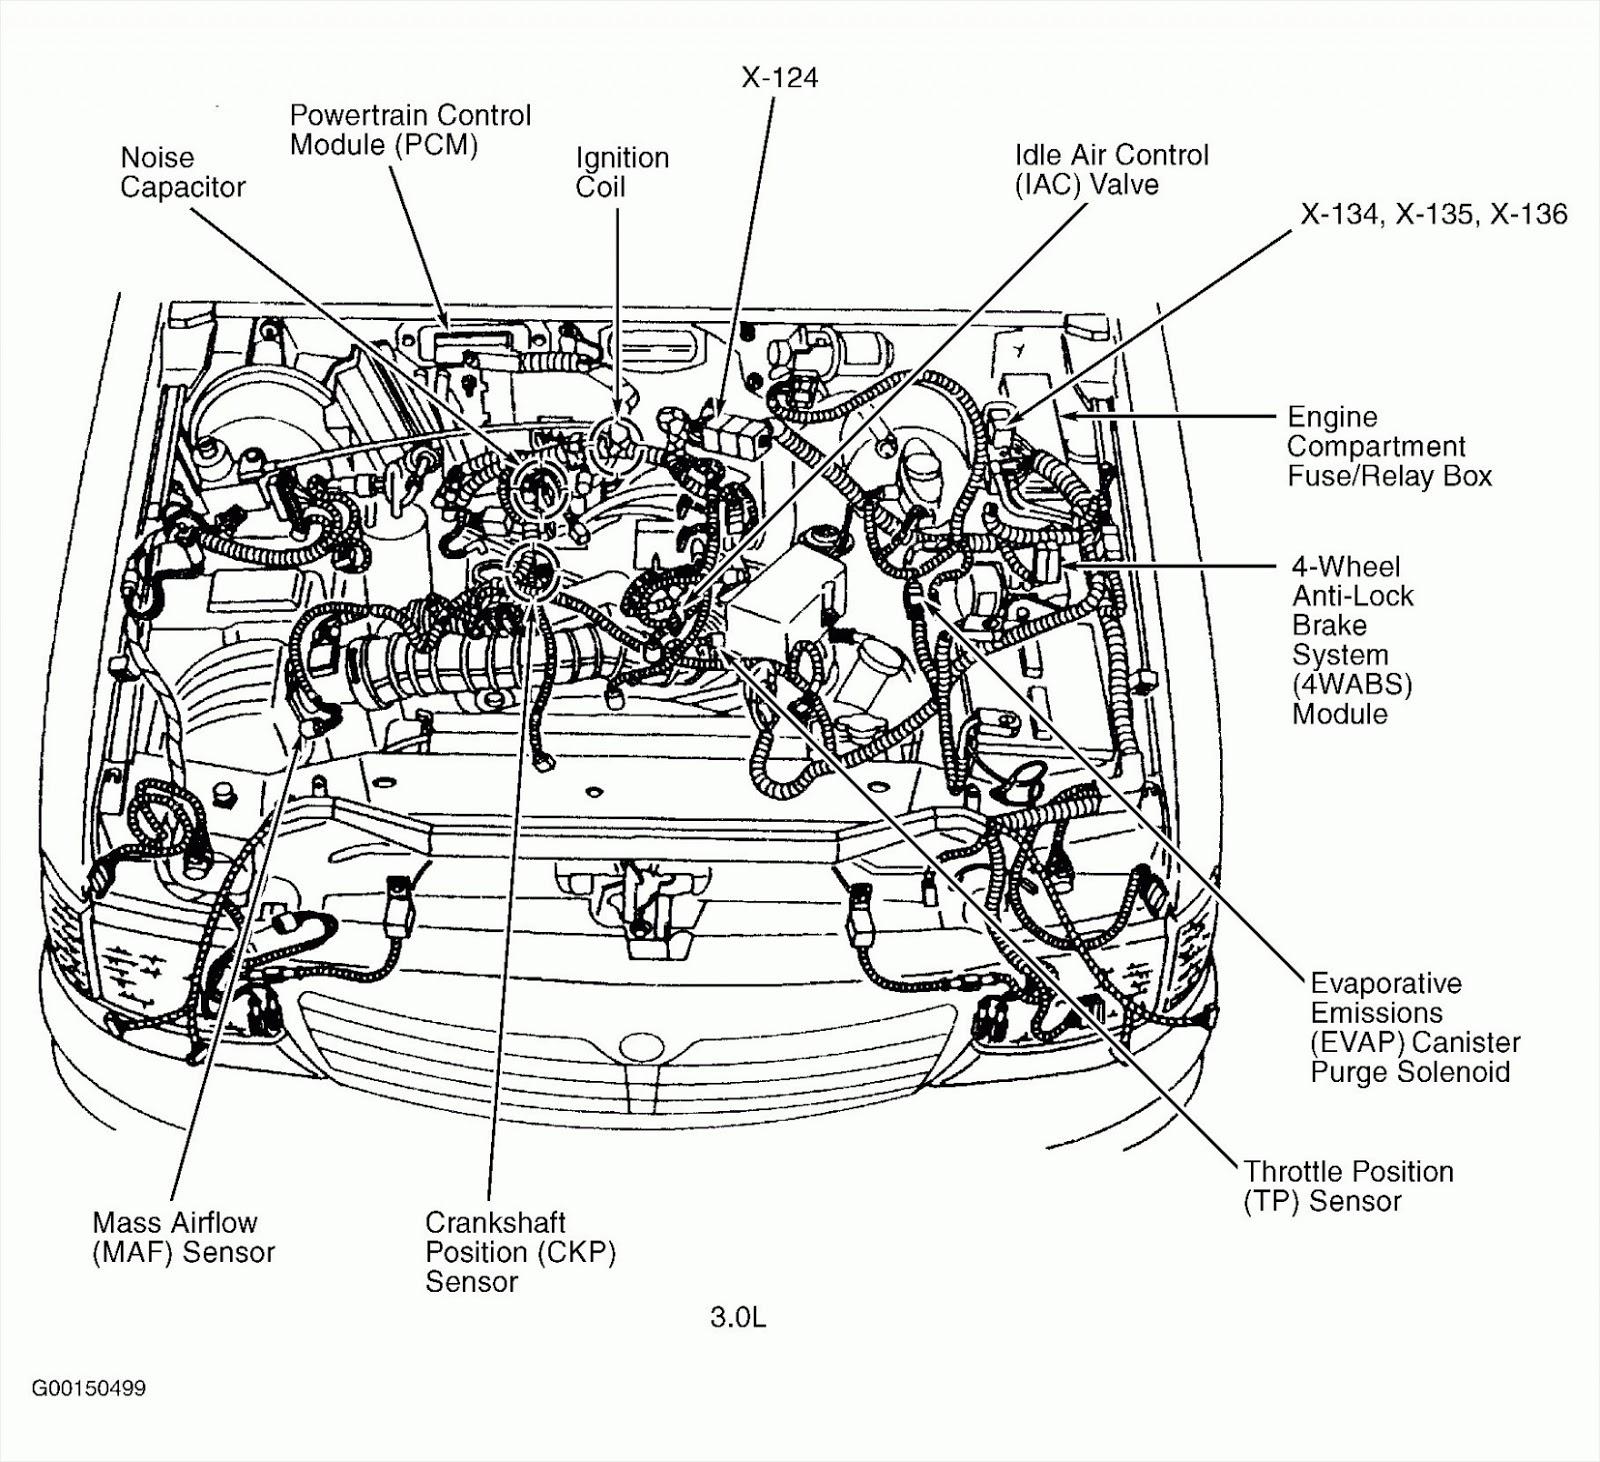 1999 Ranger Engine Diagram Wiring Diagram Explained Explained Led Illumina It